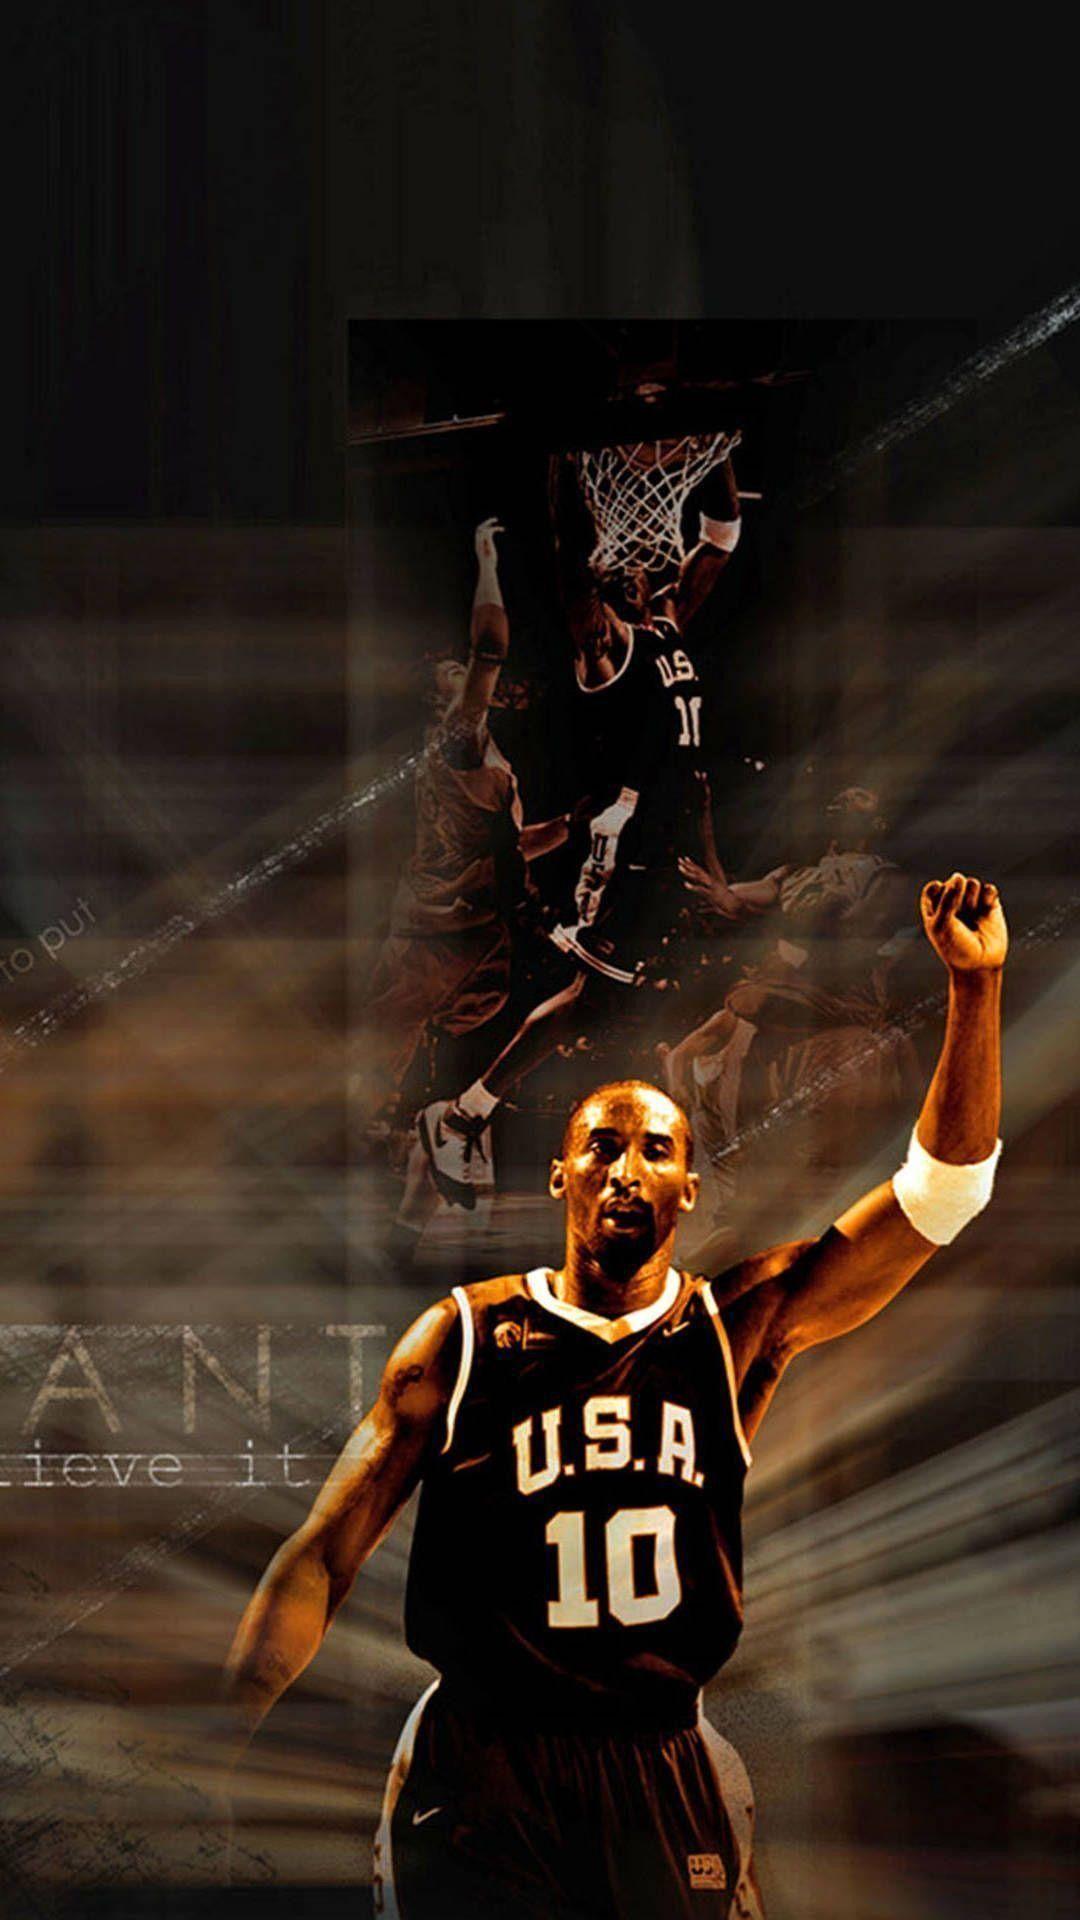 Pin By Cathryn On Legend Kobe Bryant Kobe Kobe Bryant Black